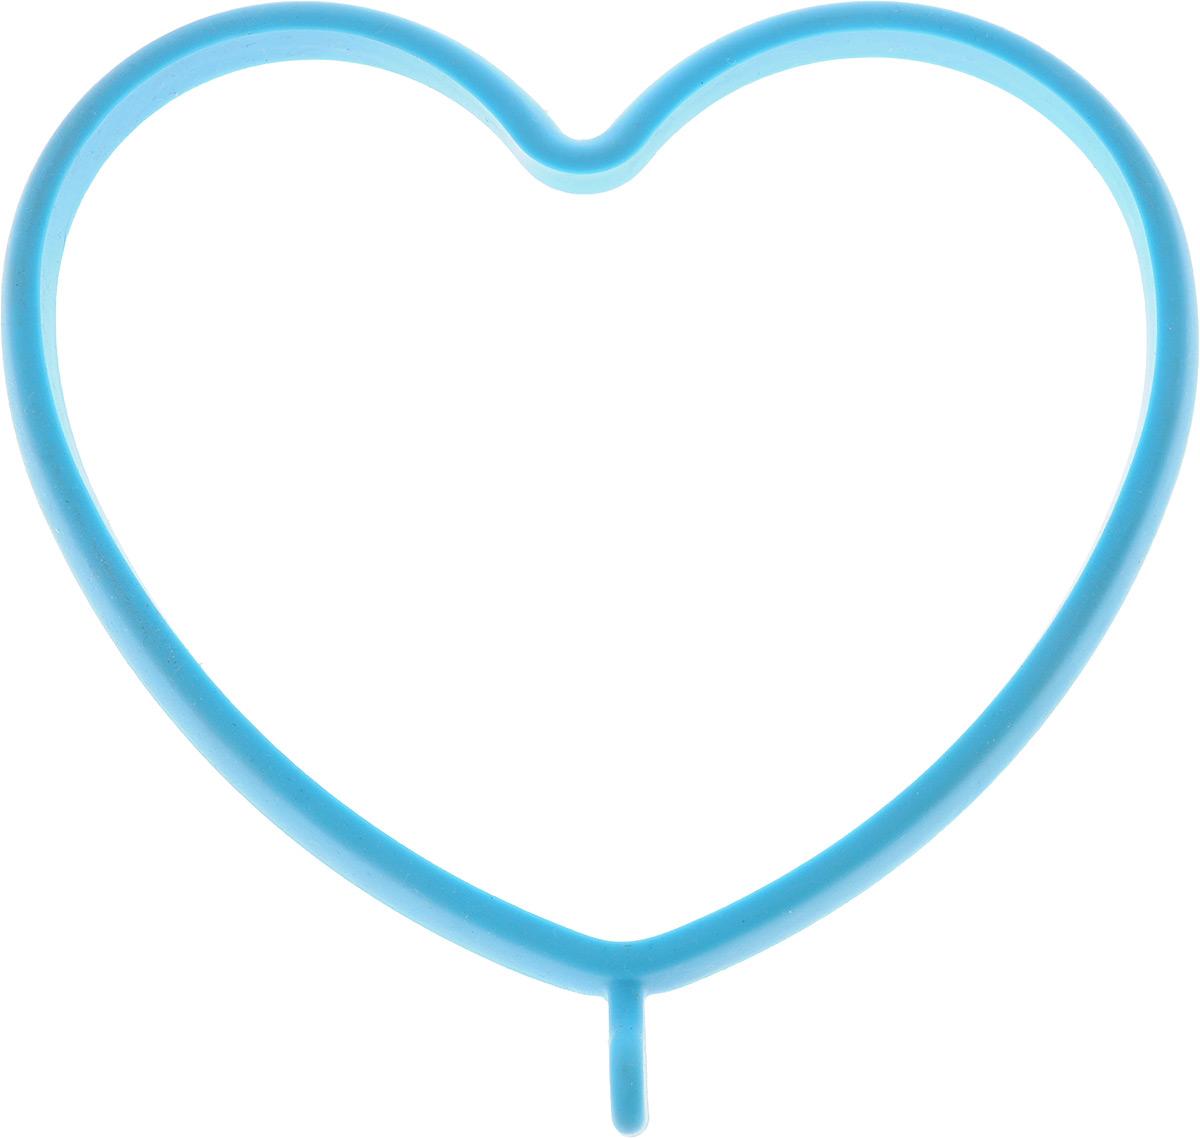 """Форма для яичницы Oursson """"Сердце"""", выполненная из  жаростойкого силикона, подходит для приготовления яичницы,  омлета, оладий. Она добавит оригинальности обычным блюдам  и особенно понравится детям. Форма не повреждает  антипригарное покрытие сковород. Выдерживает температуру  от -20°С до +220°С. Для получения идеального результата  рекомендуется использовать ее на ровной поверхности  сковороды."""